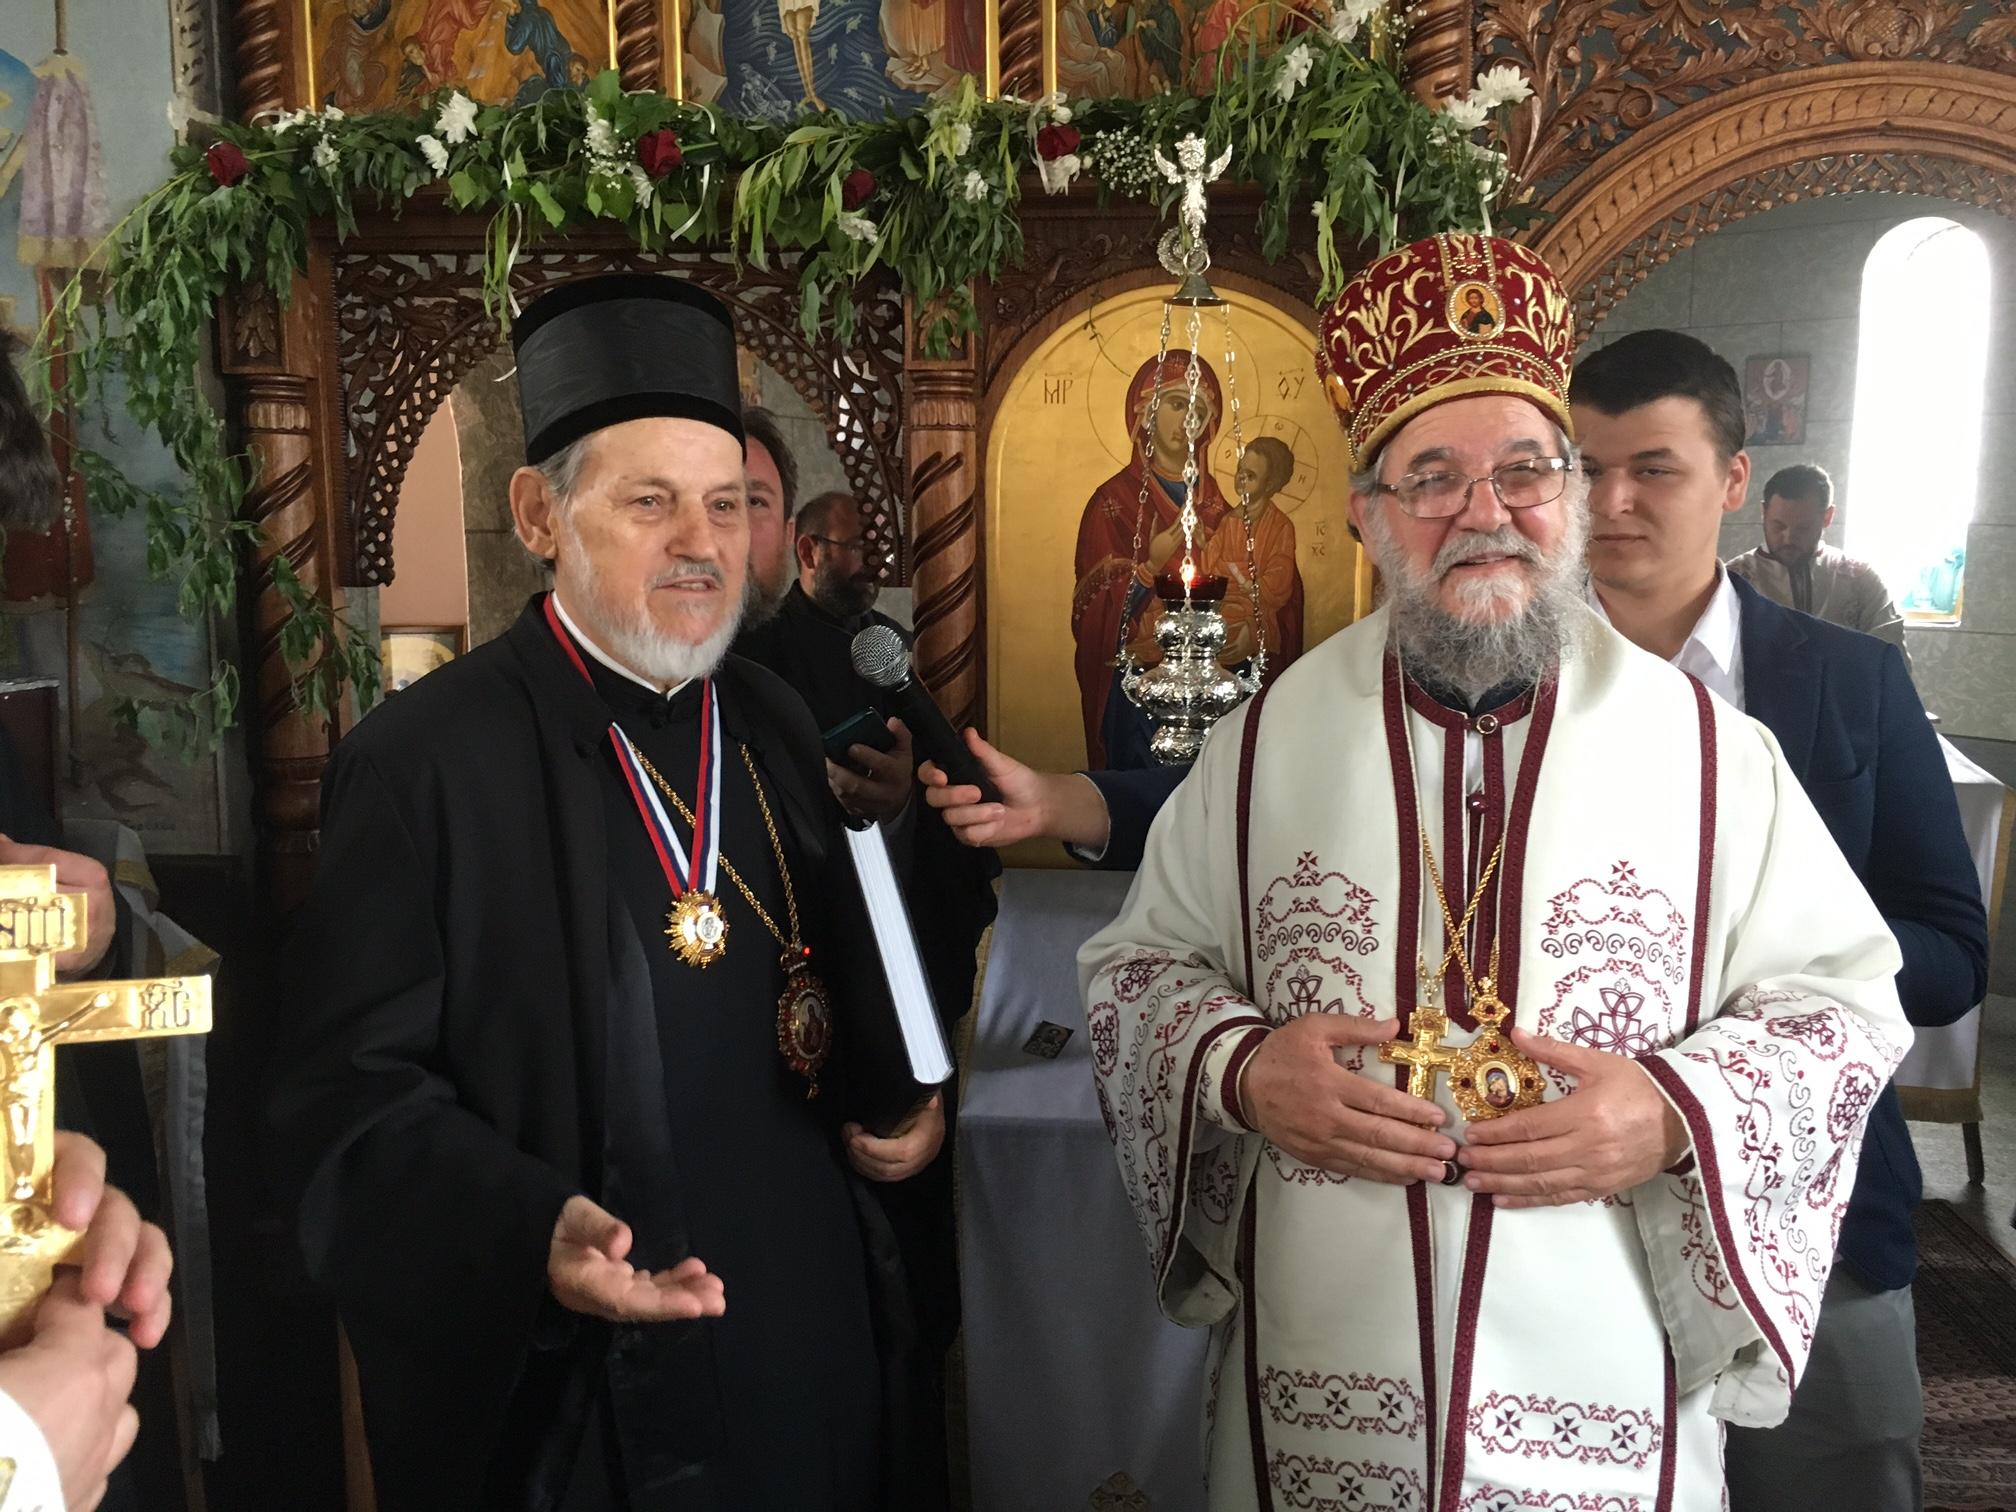 Епископ сремски Г. Василије одликовао шабачког епископа Г. Лаврентија